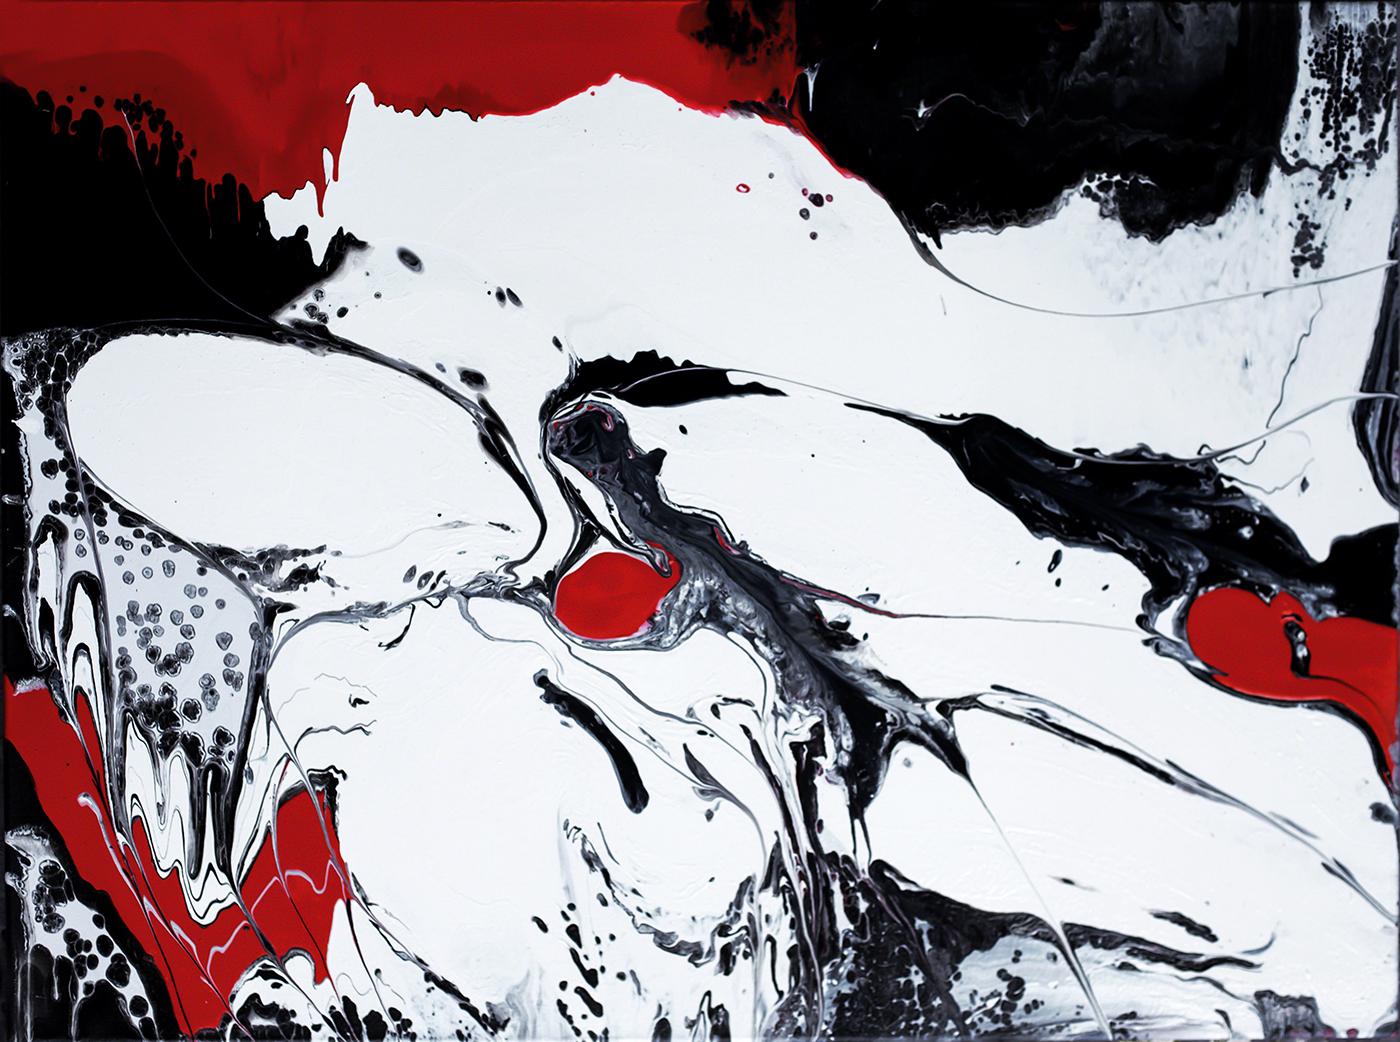 Red Black on White 1